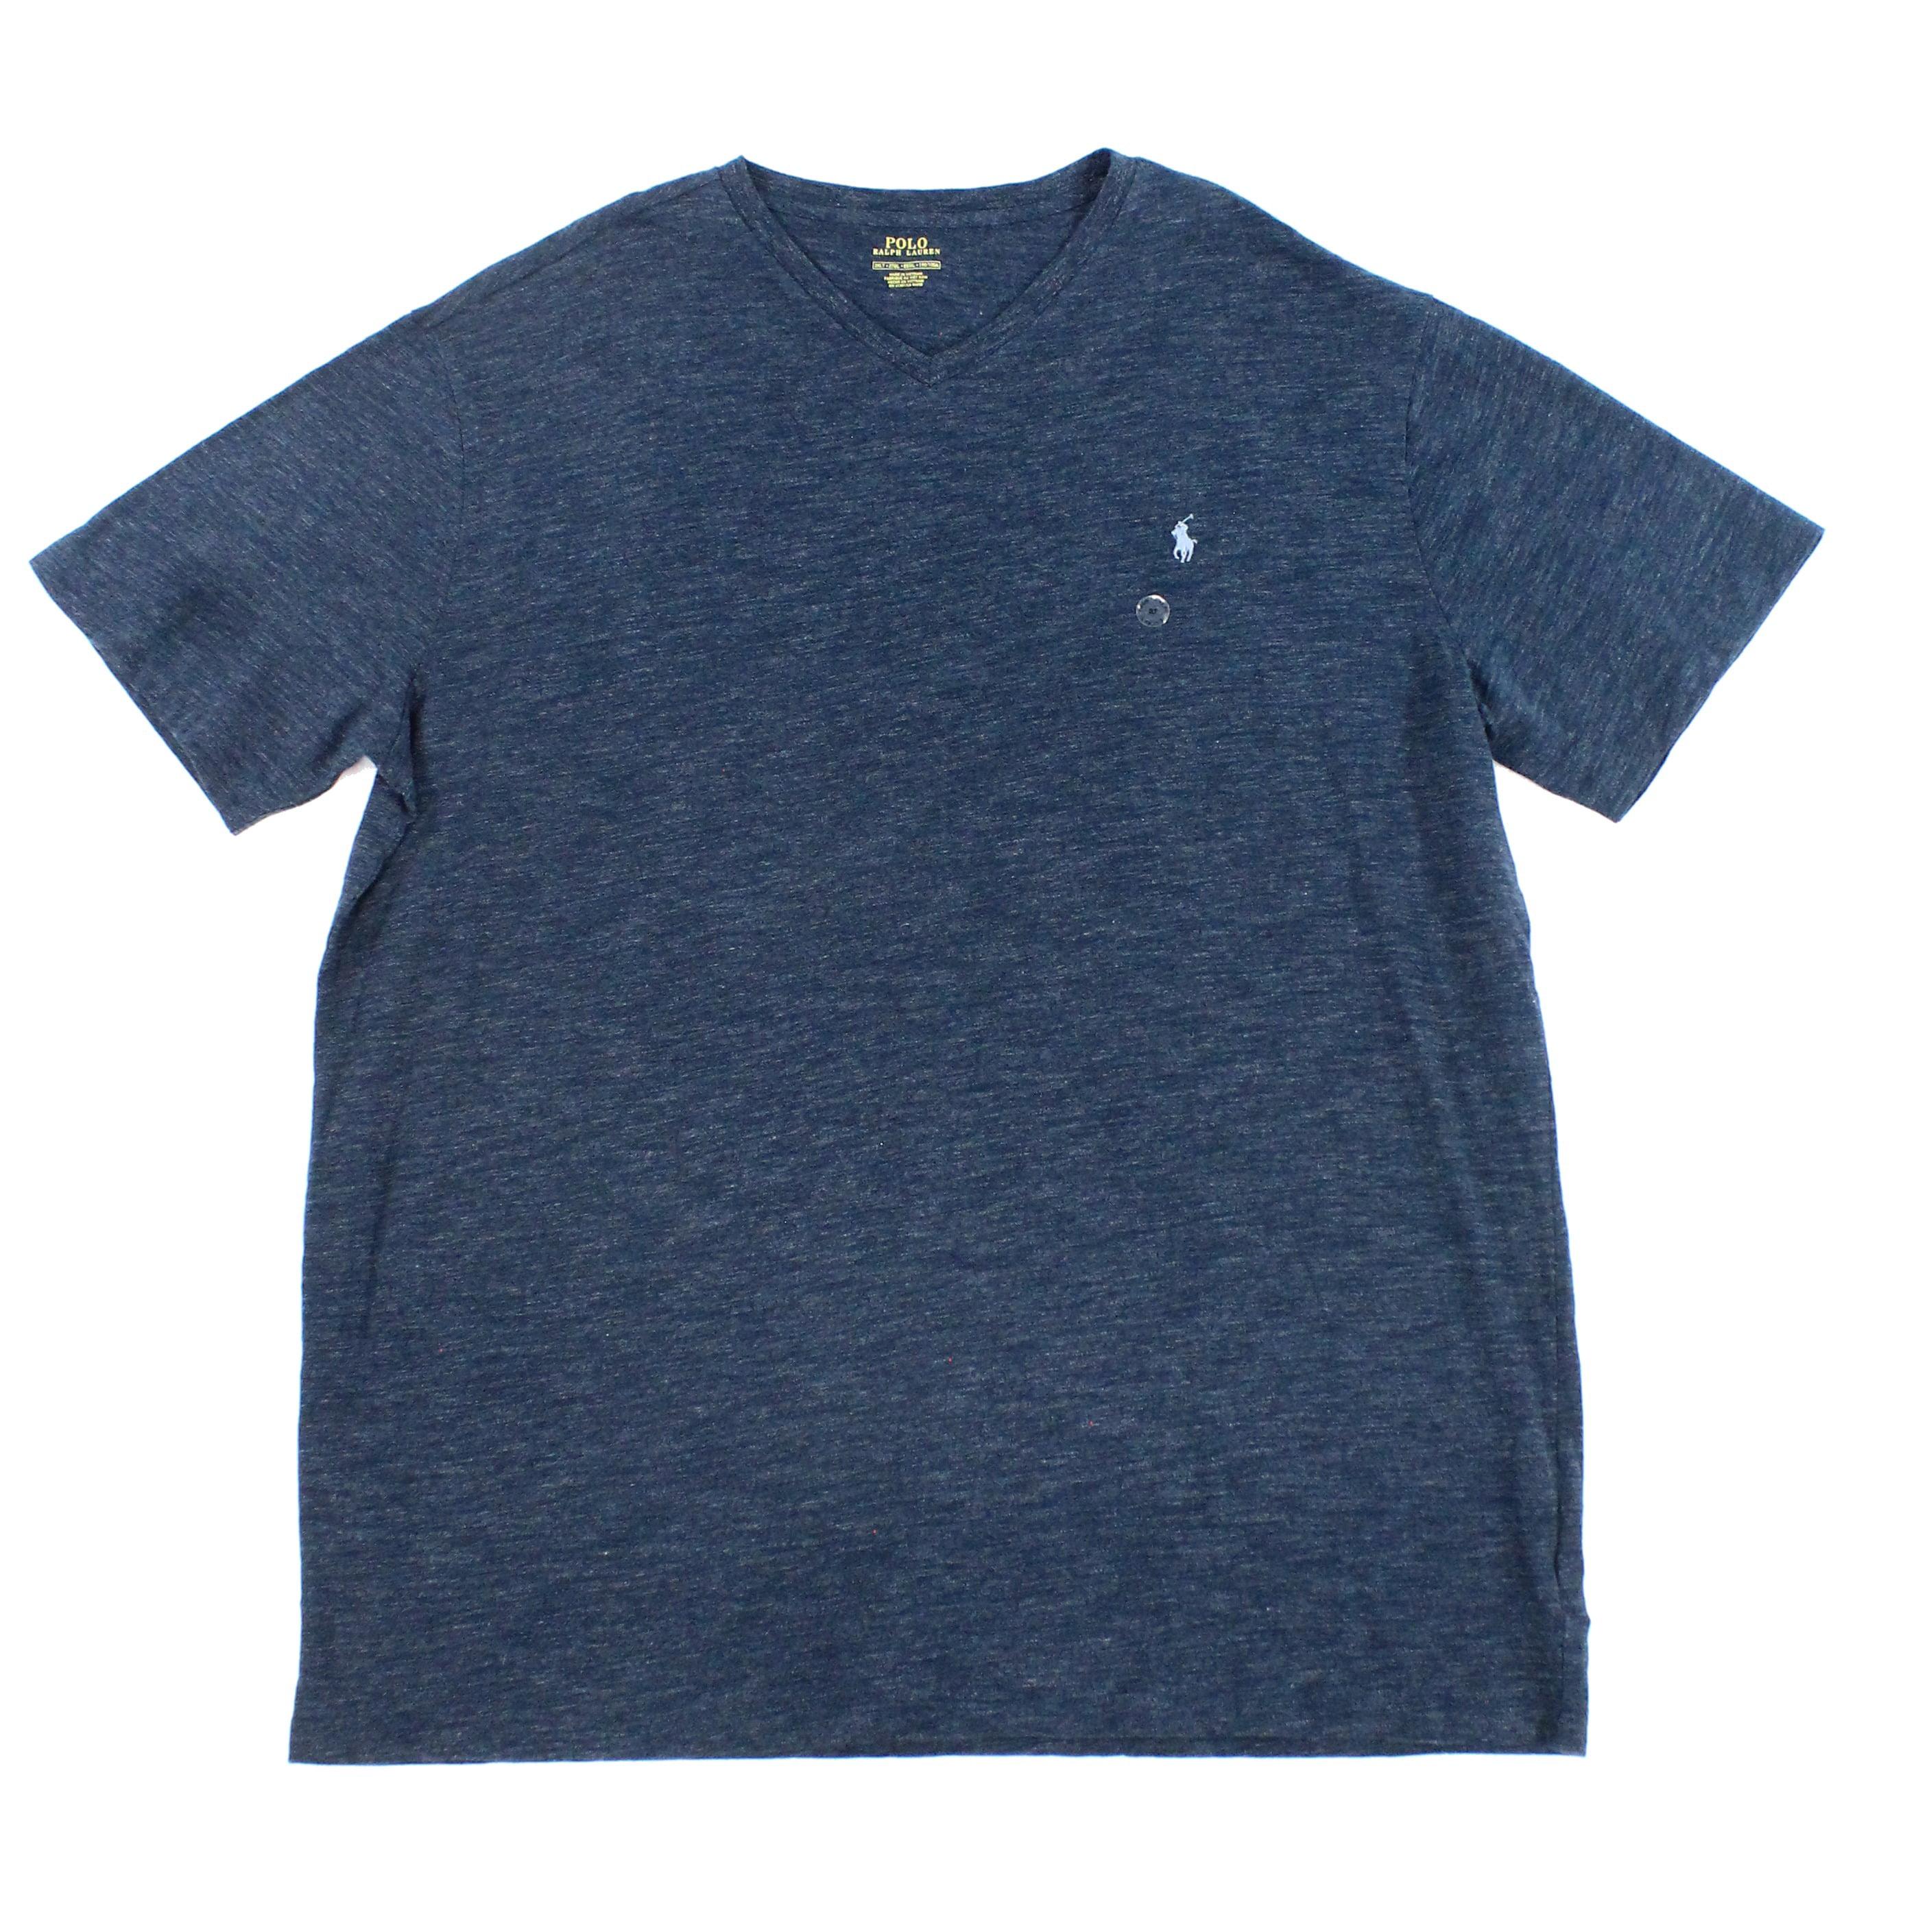 Polo Ralph Lauren - Polo Ralph Lauren NEW Blue Mens Size 2XLT Big & Tall V Neck T-Shirt - Walmart.com